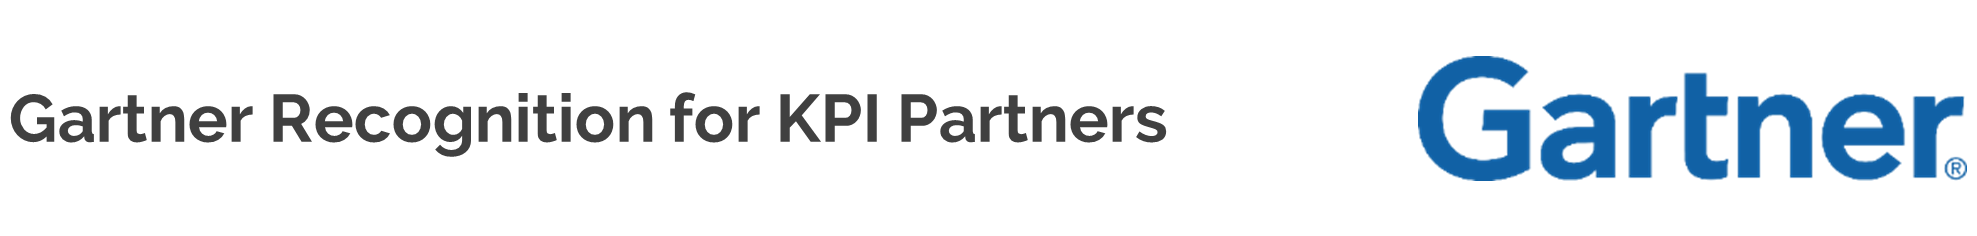 Gartner KPI Partners-3